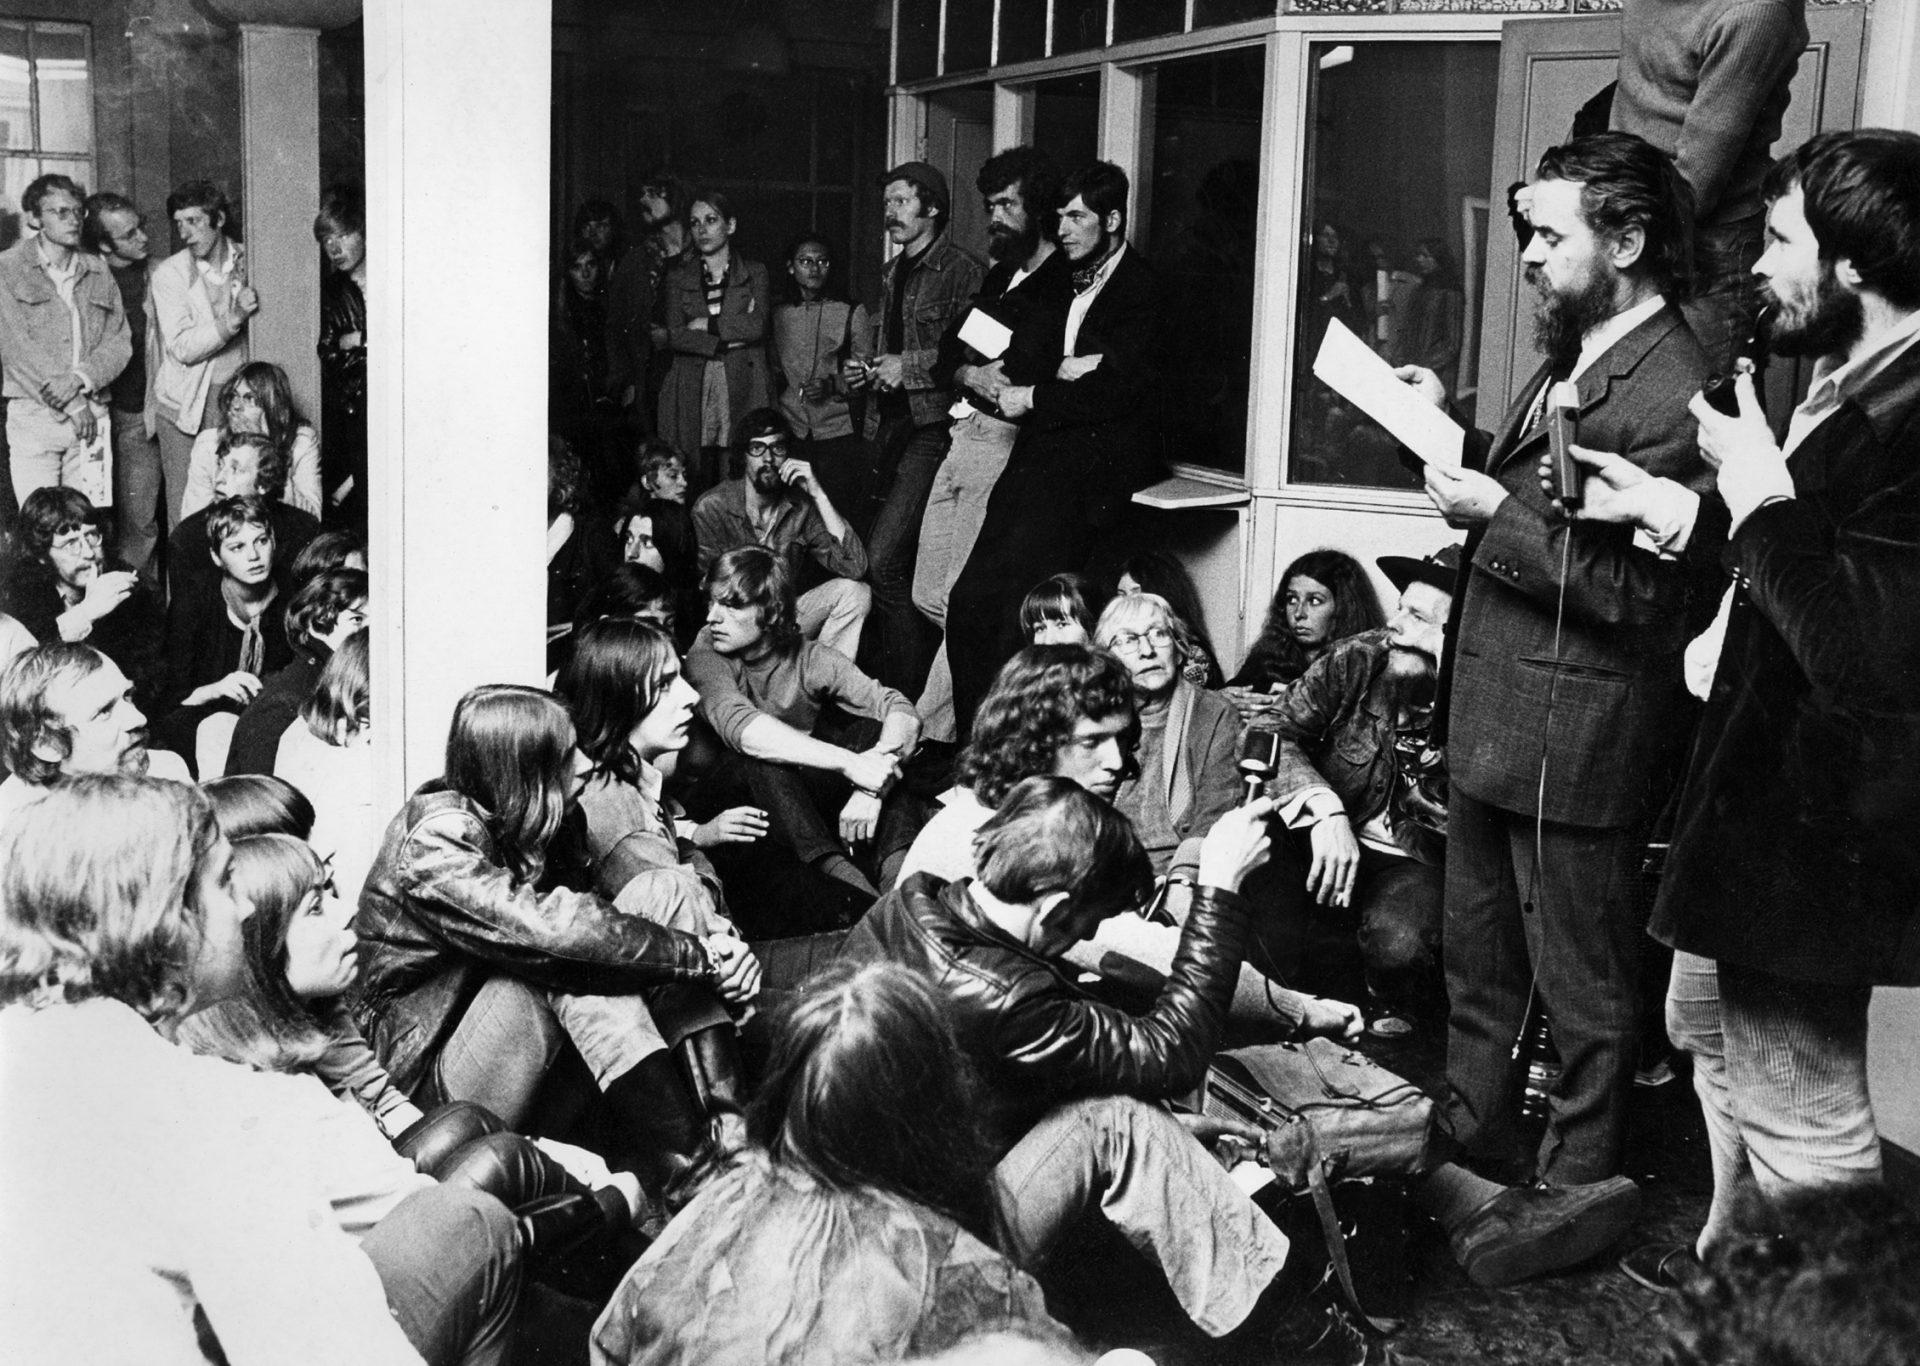 Provos Amsterdam - Reuniao do Kabouters grupo de squatters 1970